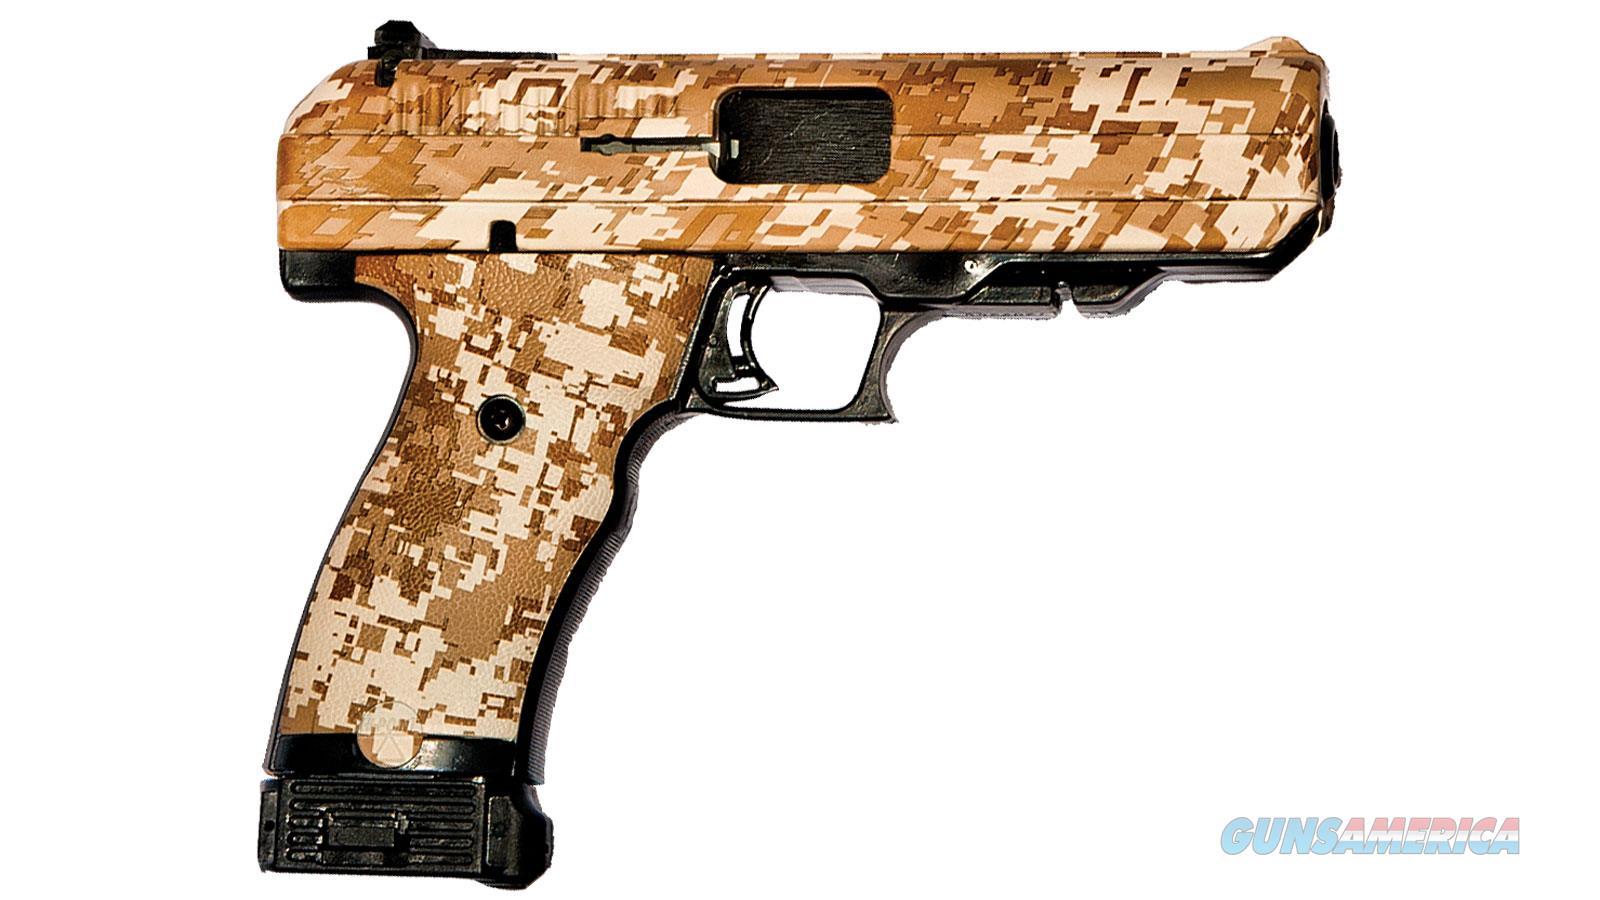 """Hipoint Jc/P 40Sw 4.5"""" Des Digi 34010 DD  Guns > Pistols > H Misc Pistols"""